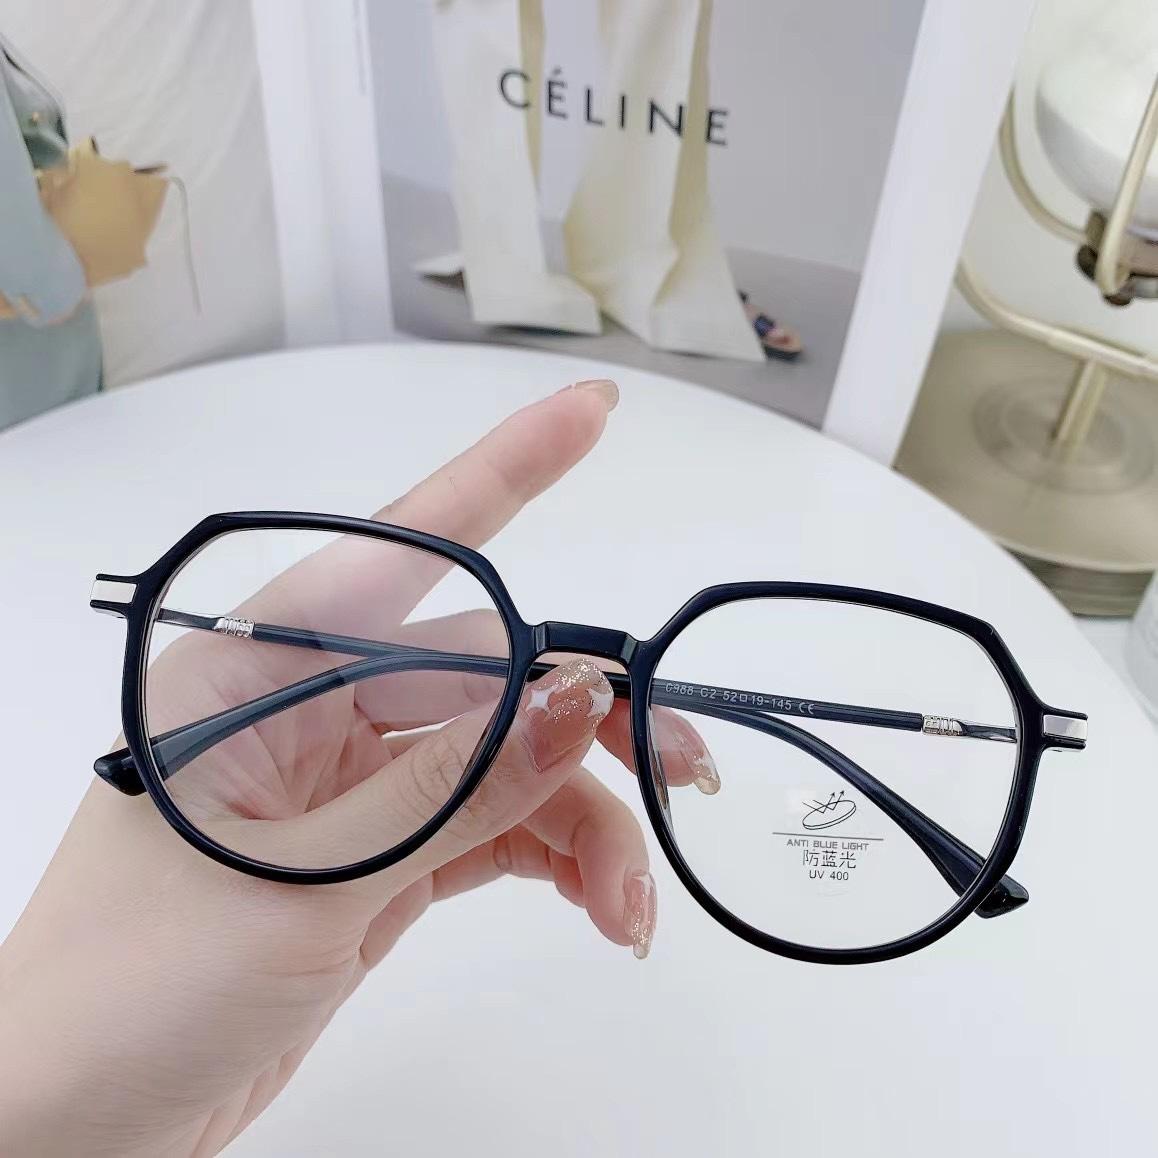 0988 防蓝光抗辐射眼镜近视女可配有度数黑框平光护眼睛男韩版潮流素颜